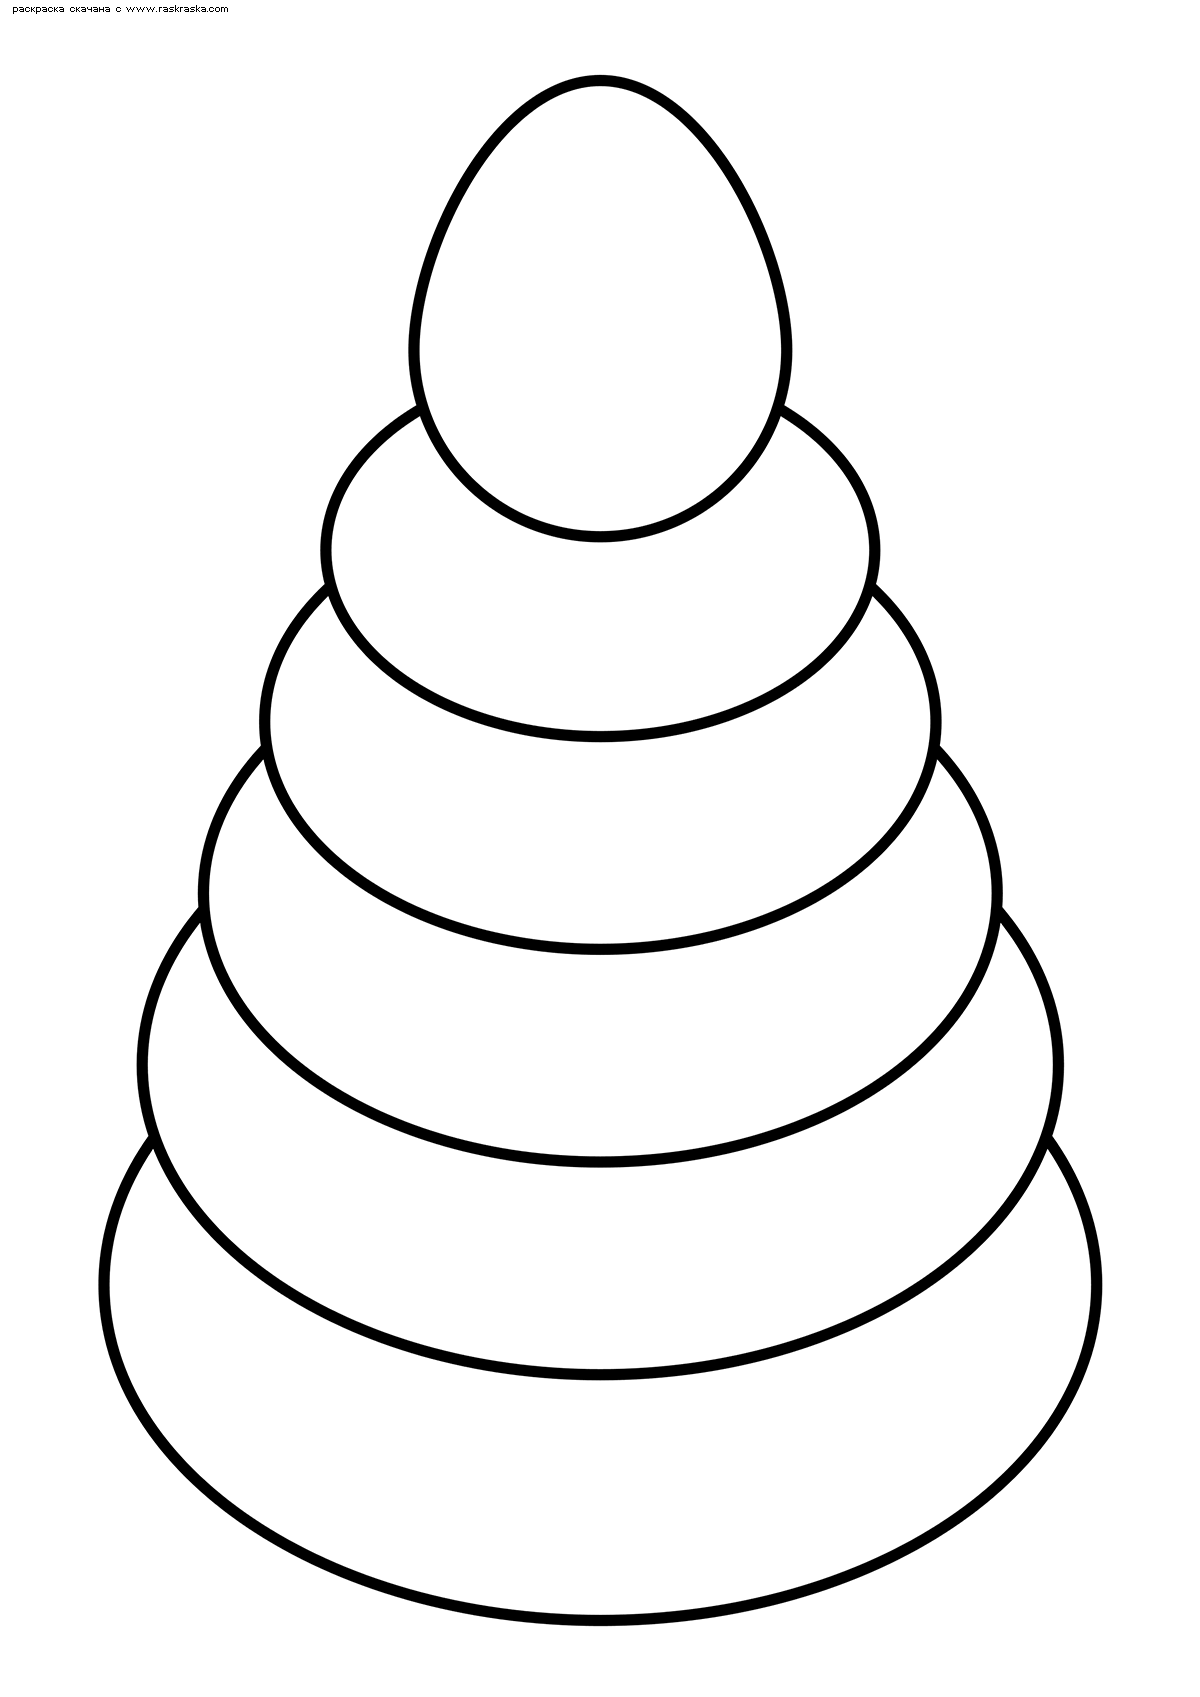 Раскраска Пирамидка | Раскраски для детей 4-х лет. Детские ...